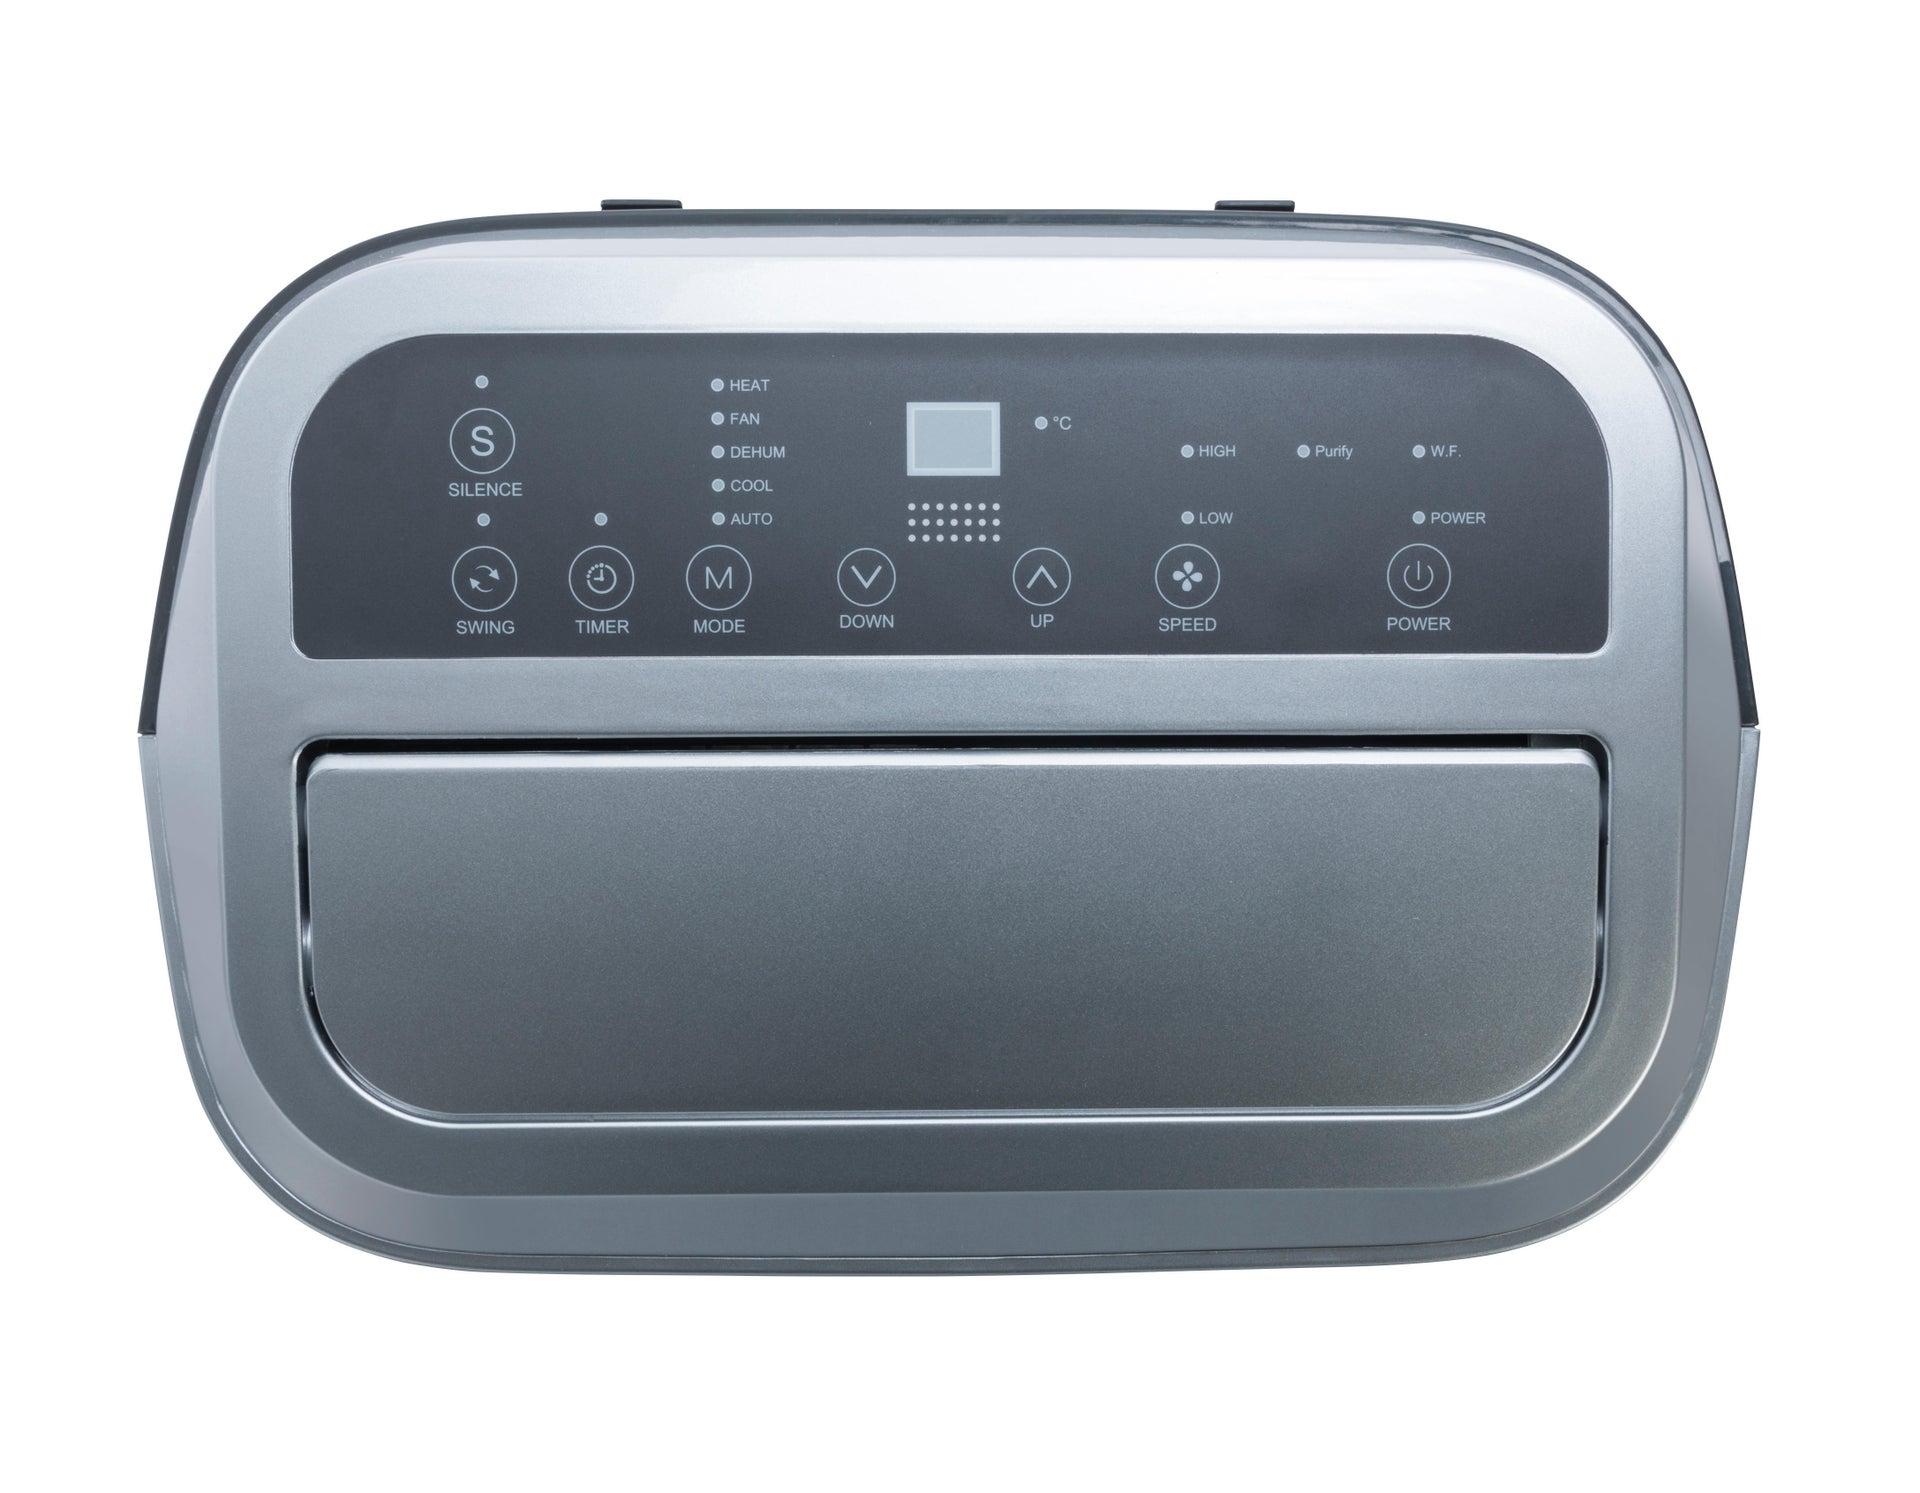 Condizionatore portatile EQUATION Top 2 14000 BTU - 4